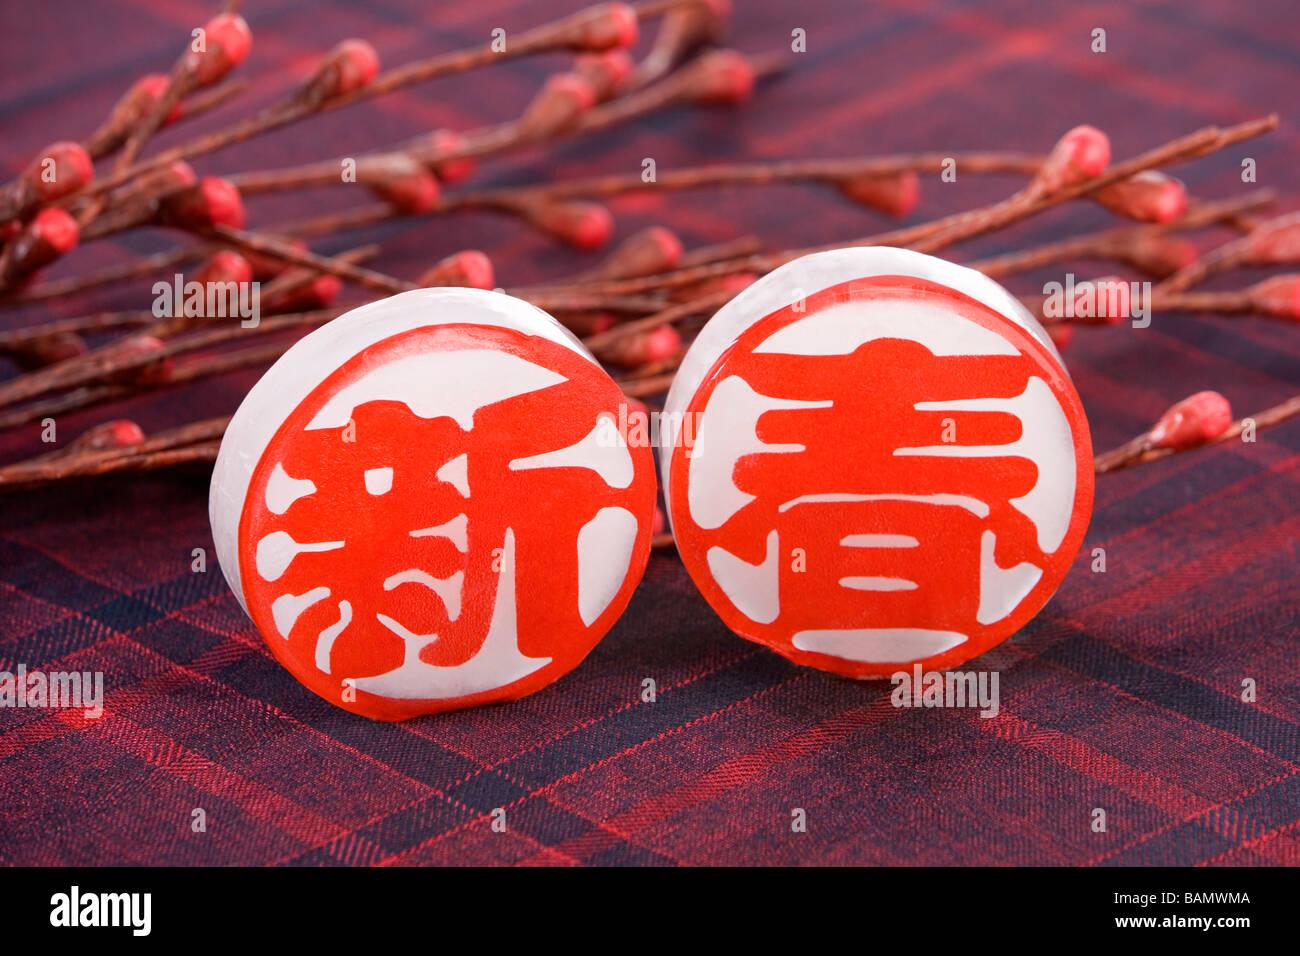 Sellos tradicionales con caracteres chinos, trayendo suerte y prosperidad Imagen De Stock